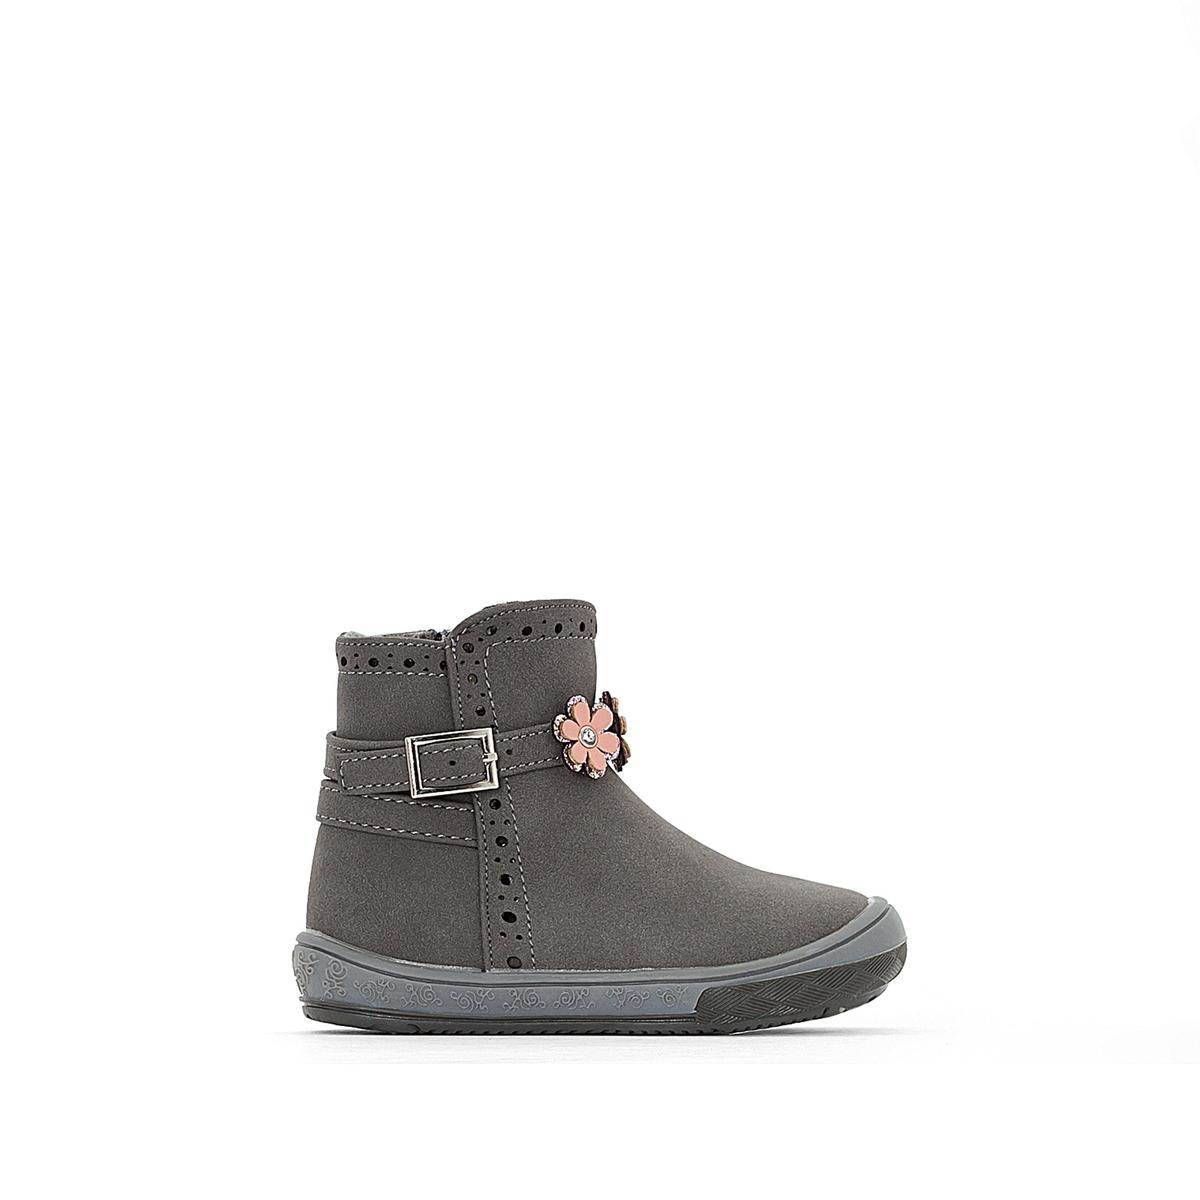 Ботинки на меховой подкладке с цветами 19-25